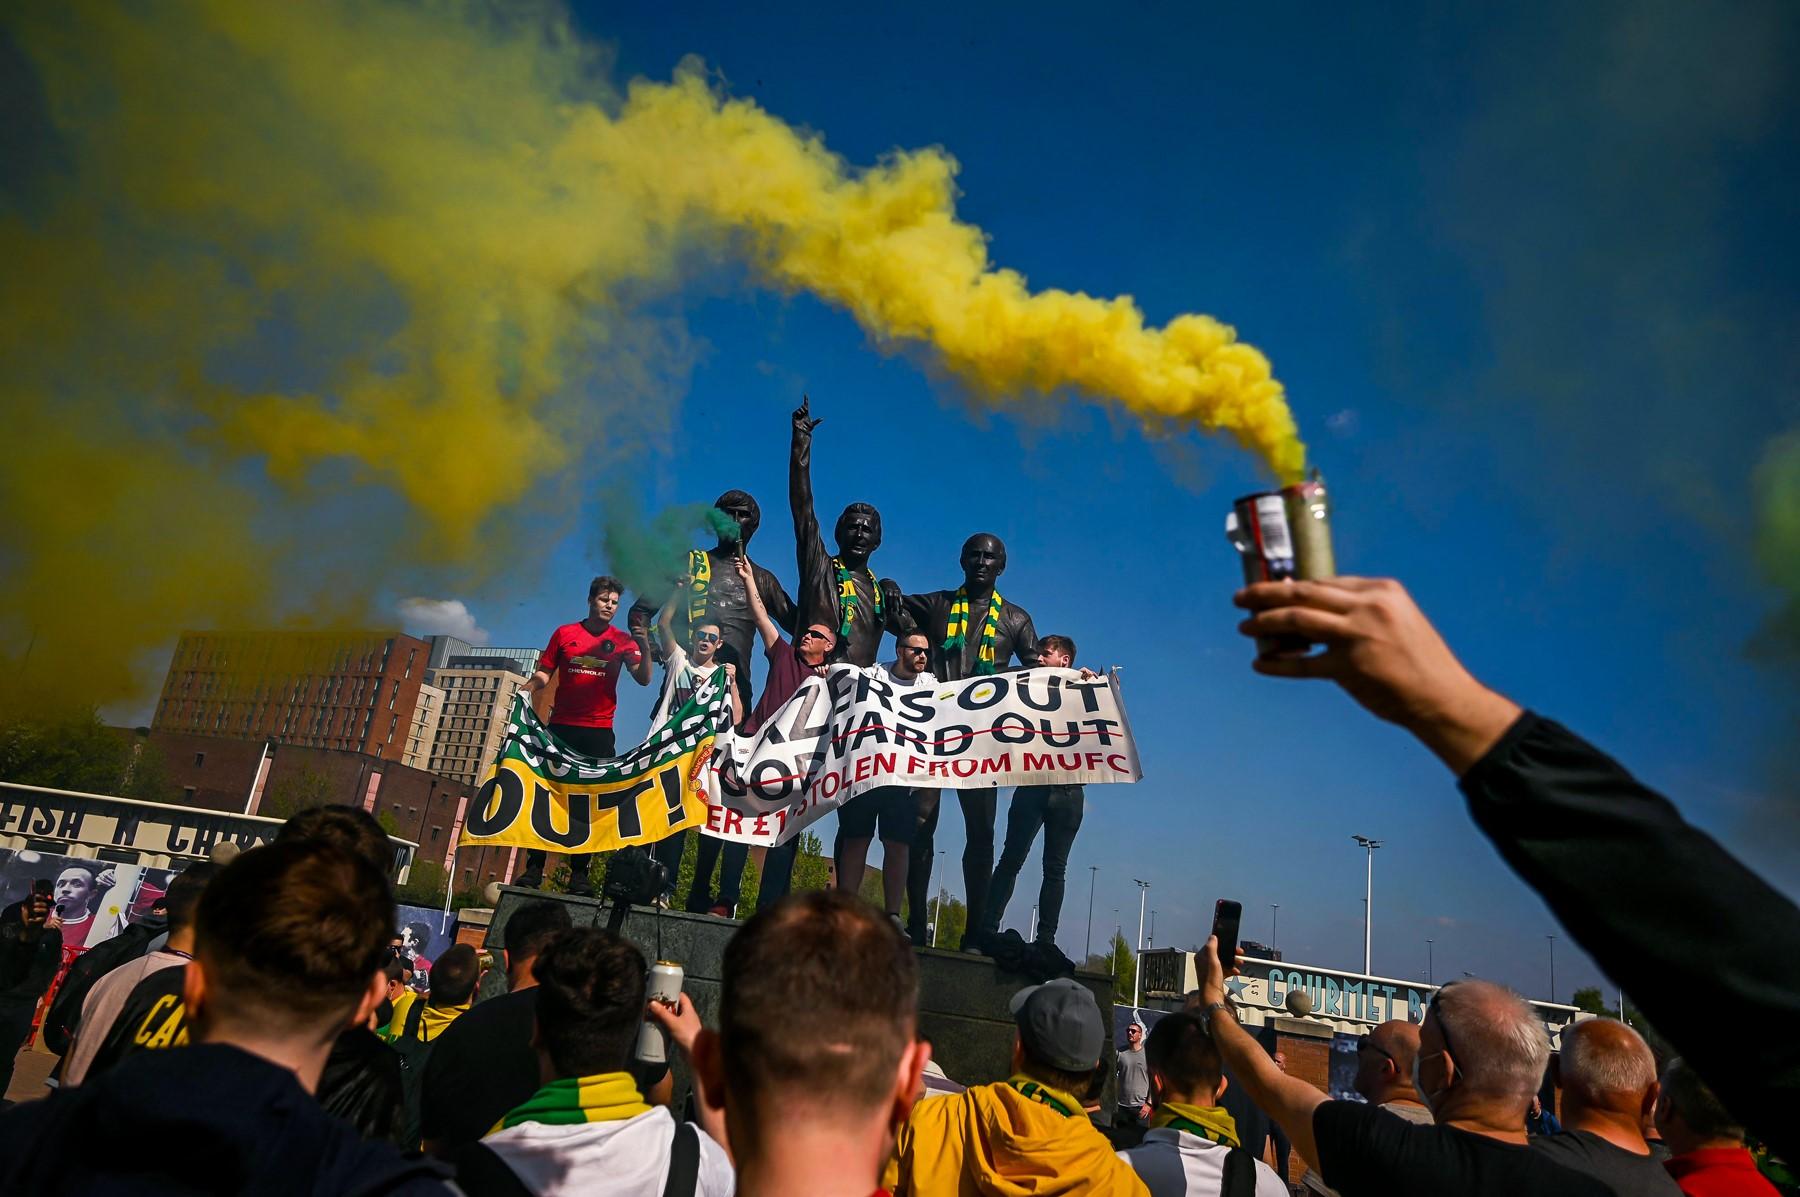 CHOÁNG! Hàng nghìn CĐV M.U biểu tình, làm loạn ngay tại Old Trafford - Bóng Đá